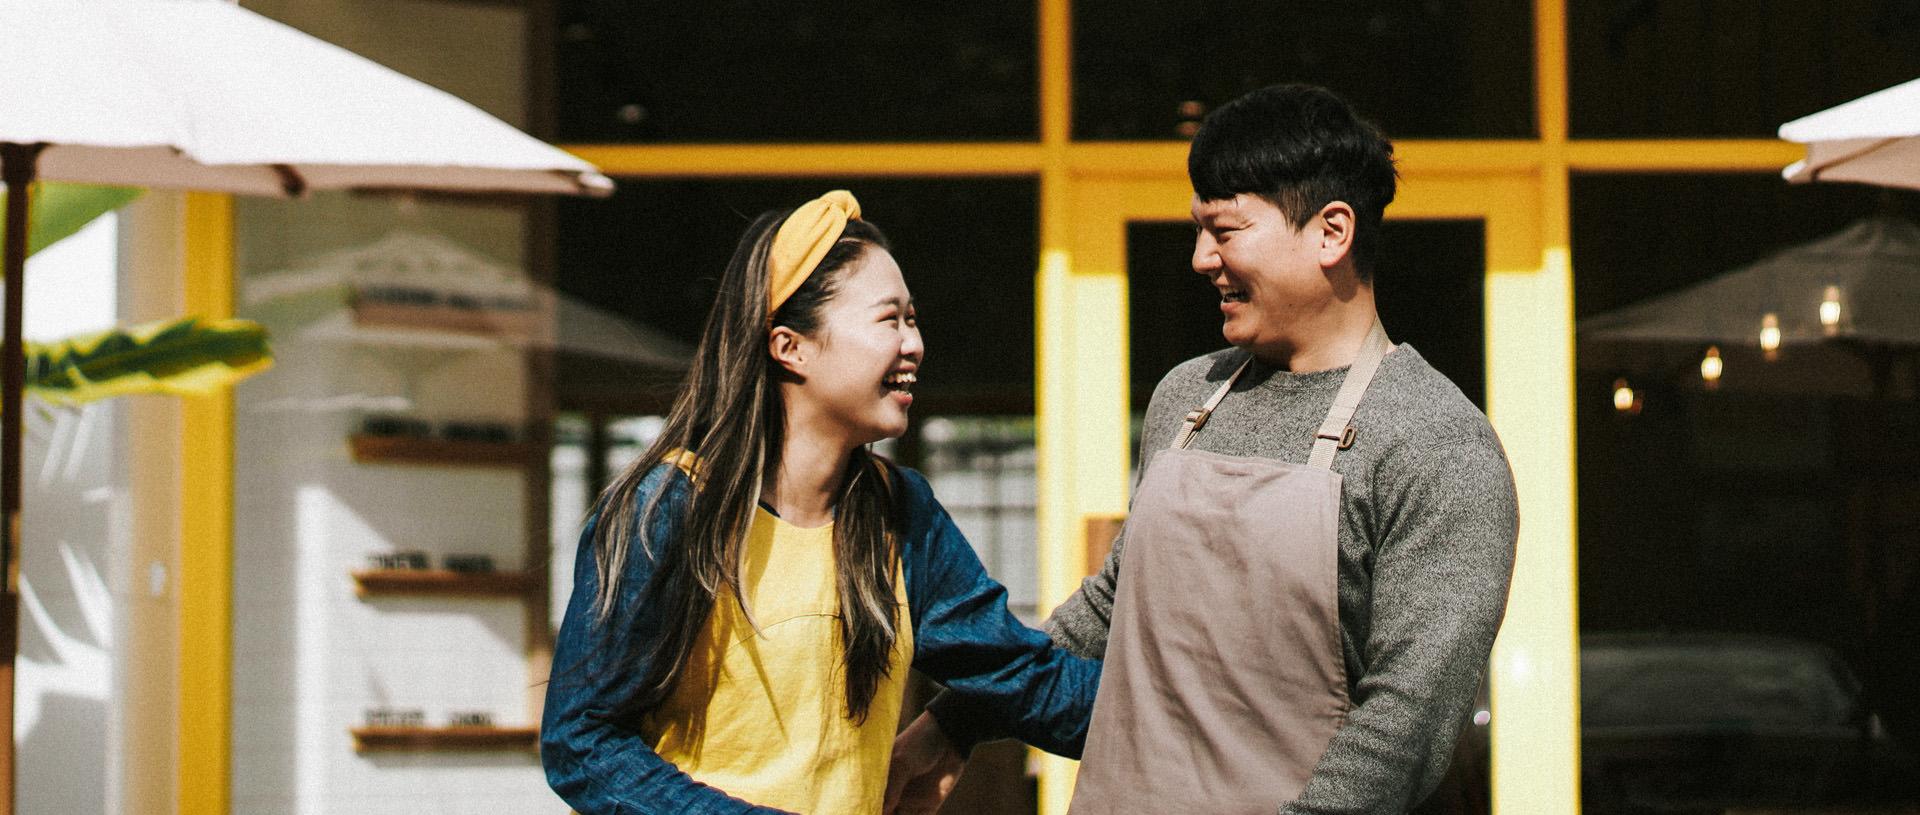 Taiwanské lovestory páru Silvia a EJ